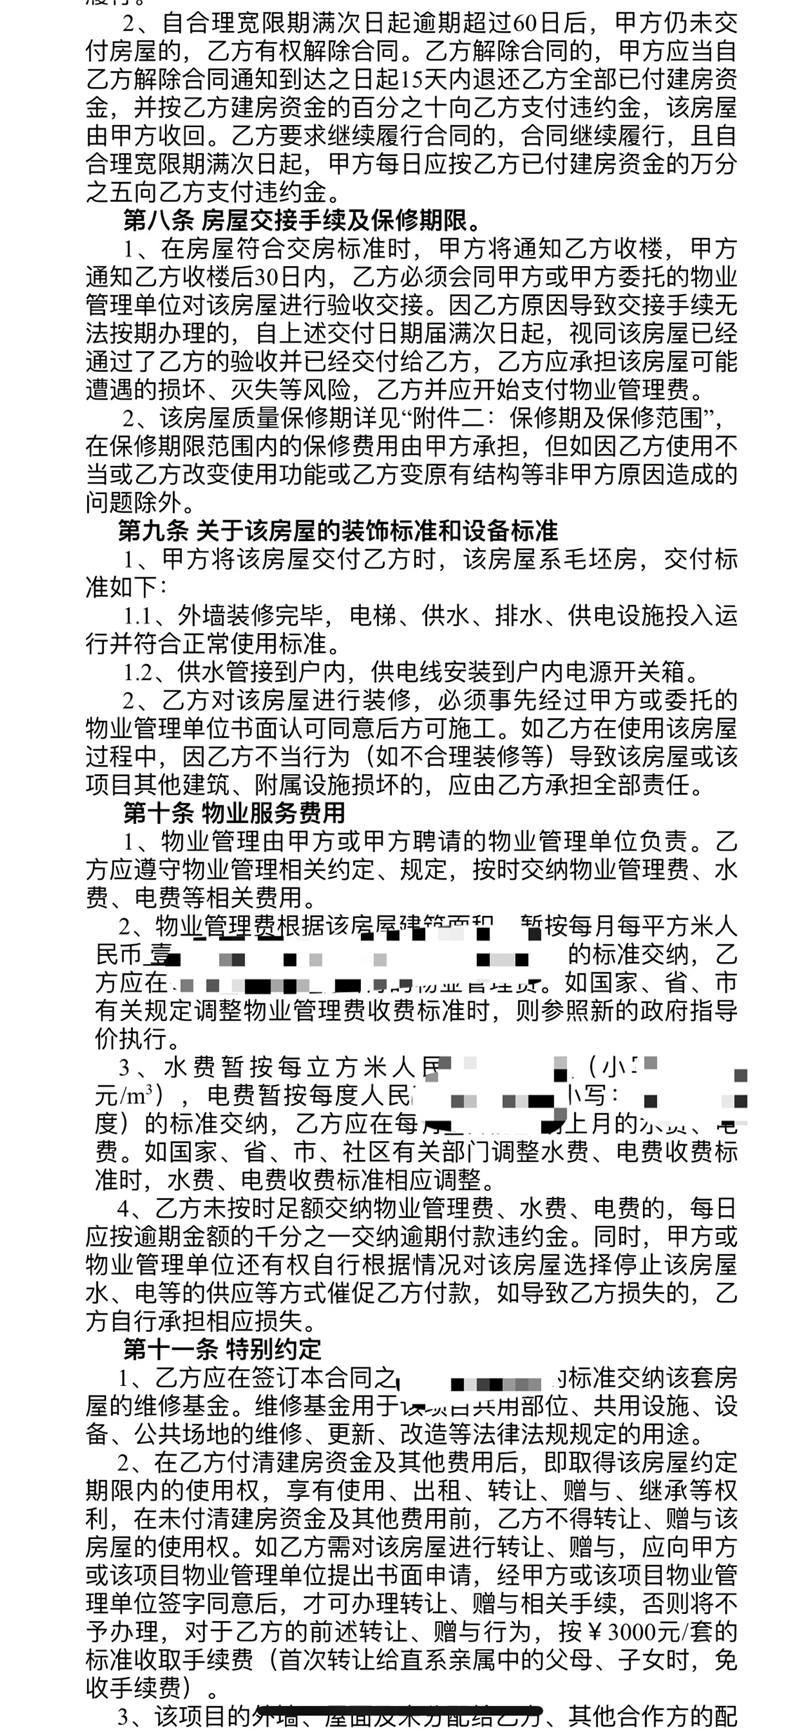 东莞小产权房合同模板